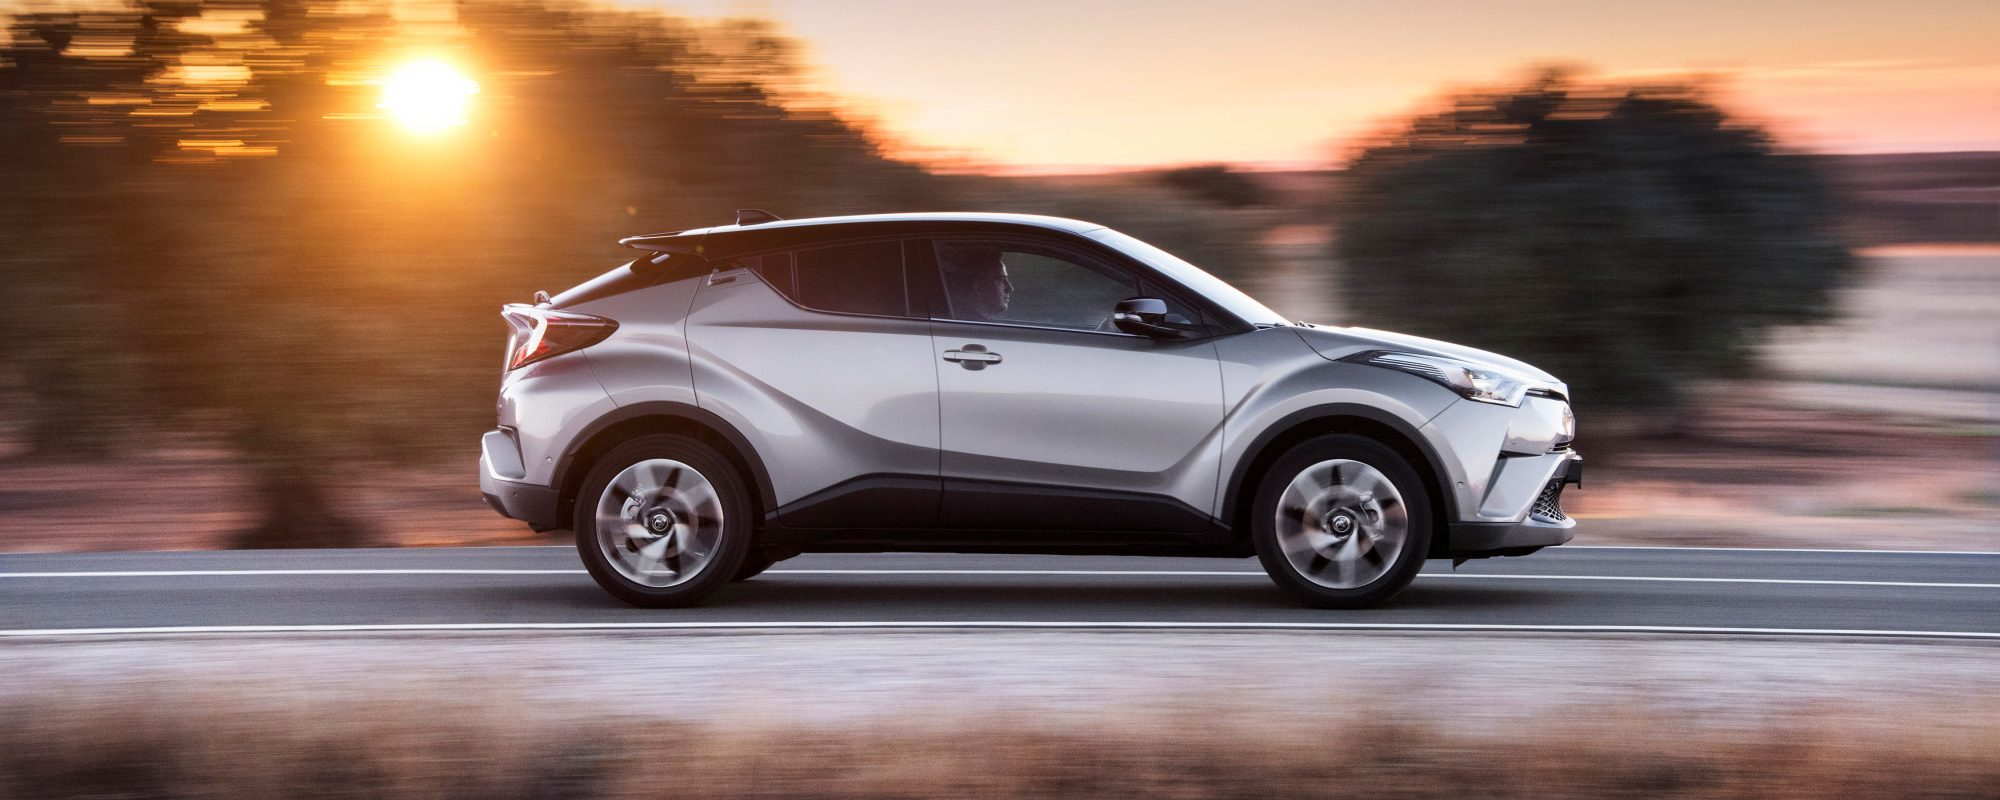 30% verkoopstijging personenauto's levert Toyota 5de positie op in 2017